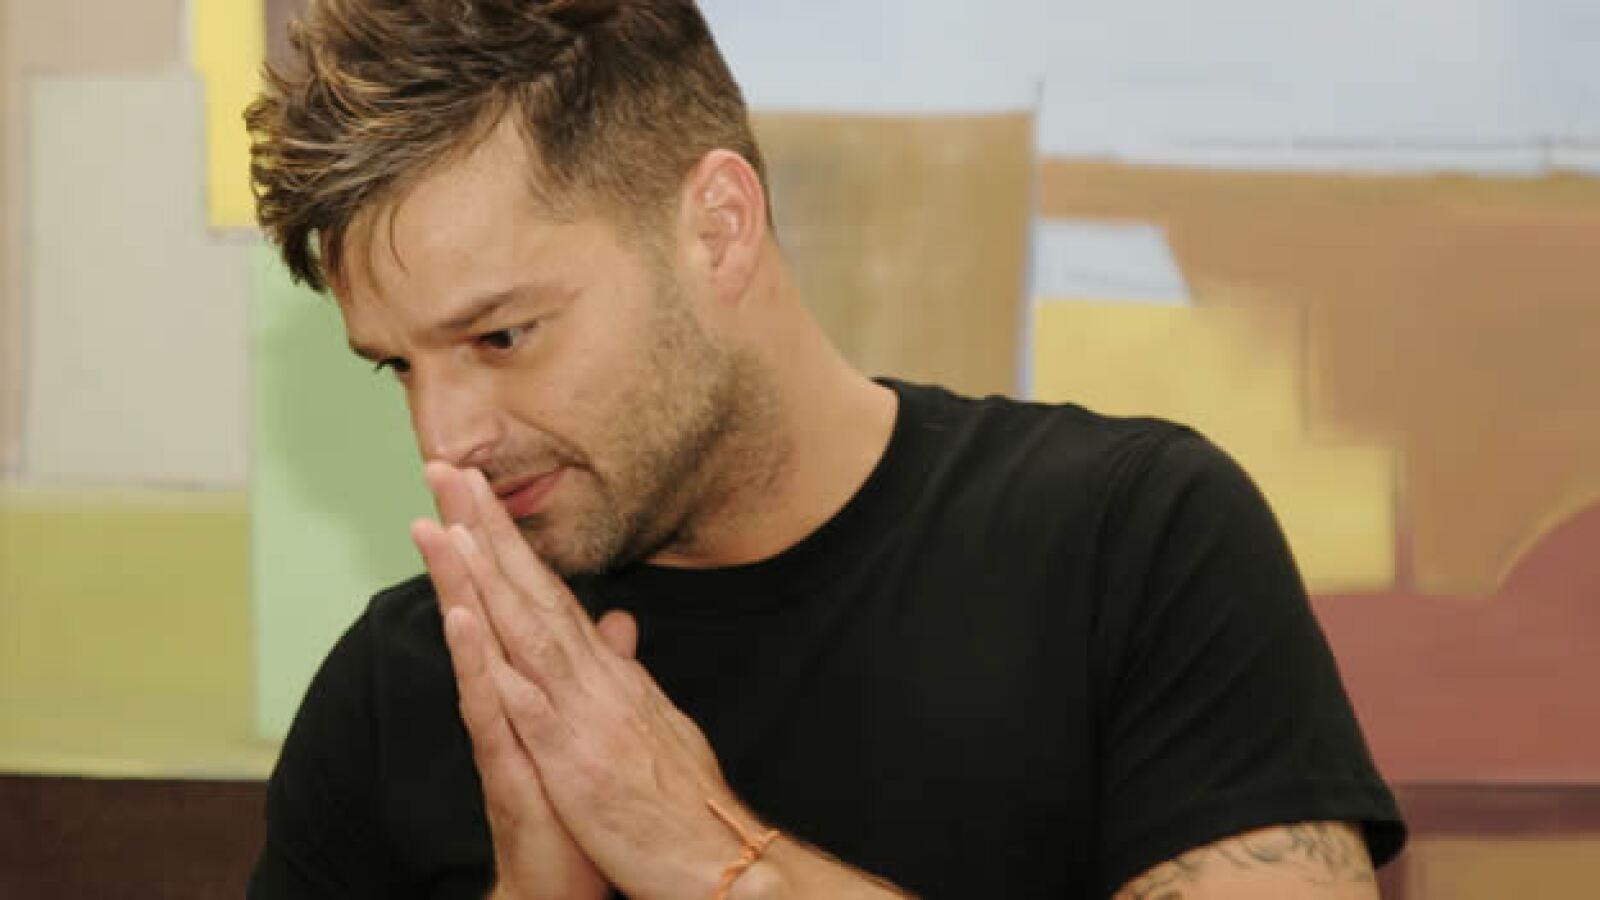 2/06/09. - El cantante puertorriqueño Ricky Martin se dirige a los medios de comunicación hoy, 12 de junio de 2009, para informar del Proyec